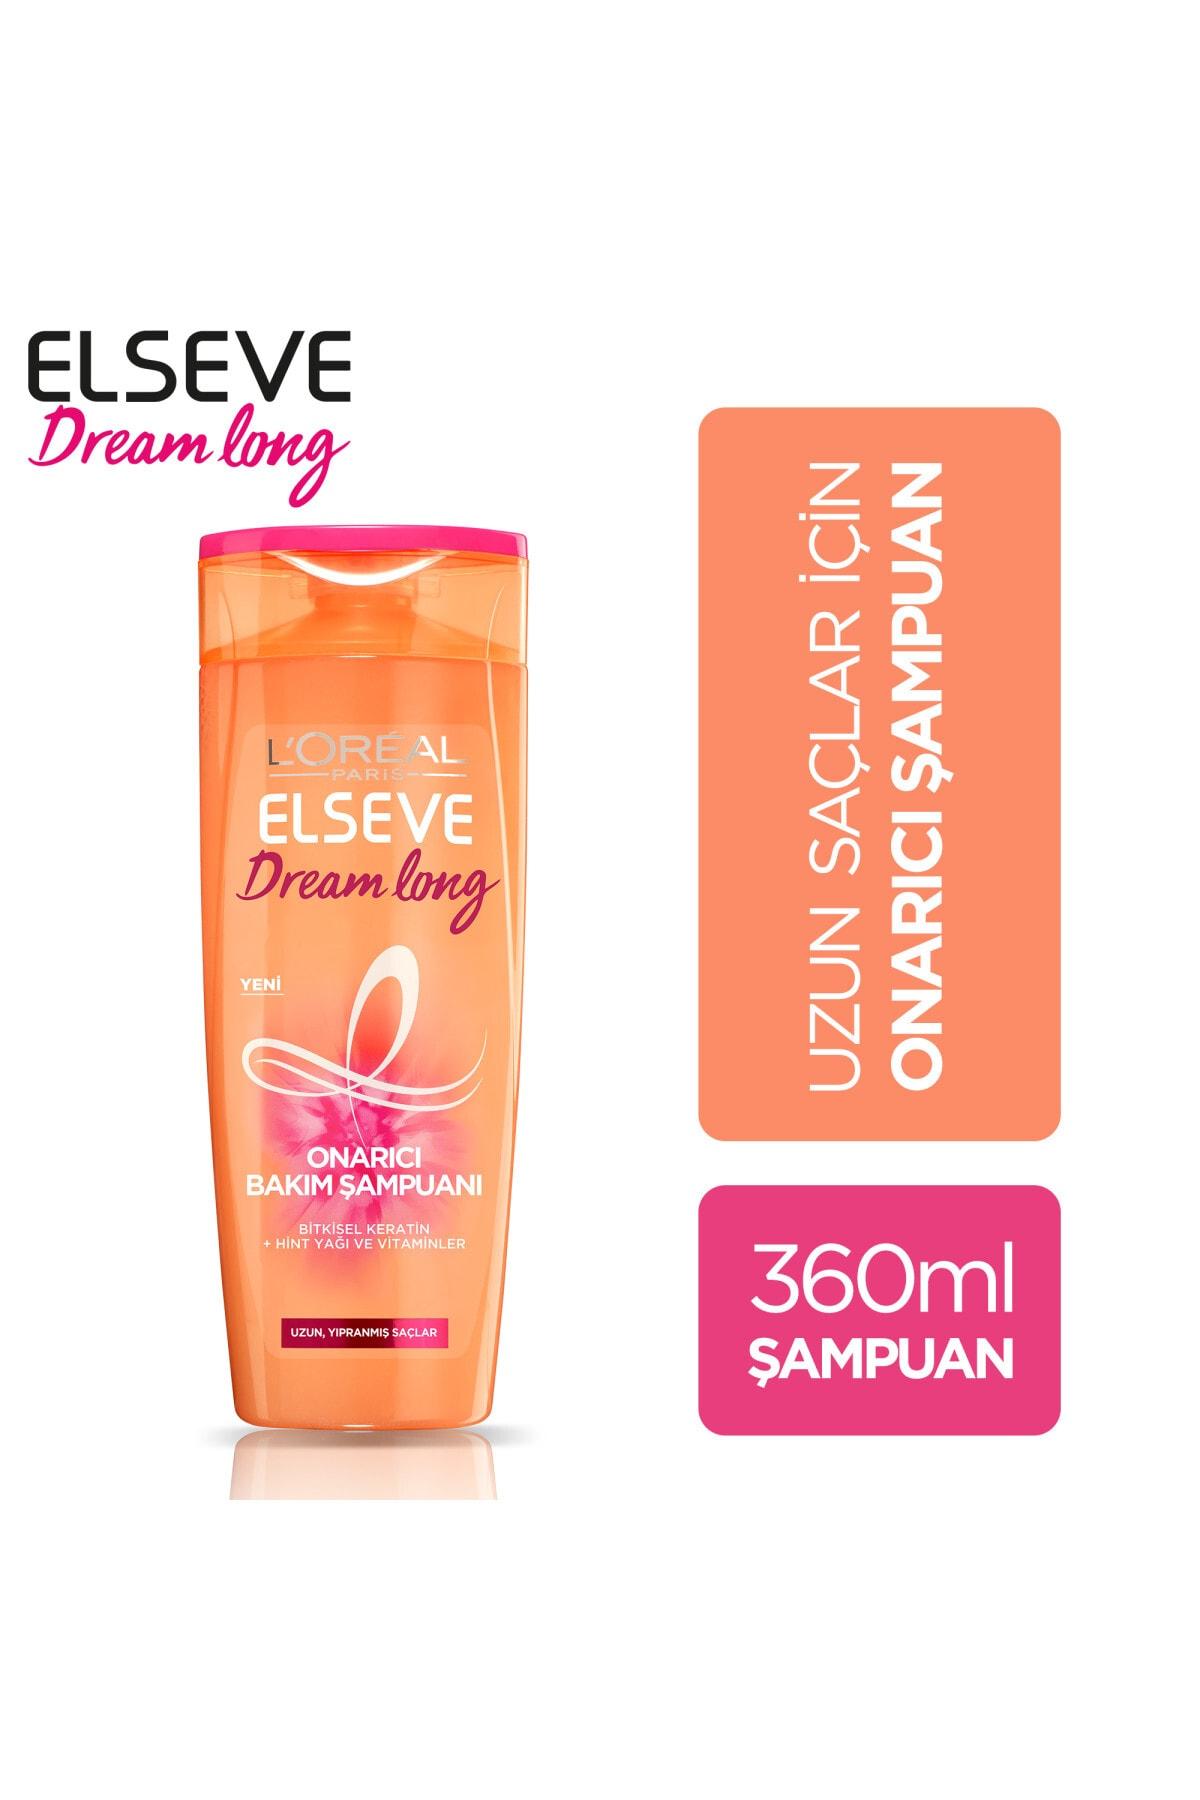 ELSEVE Dream Long Onarıcı Bakım Şampuanı 360 ml 1